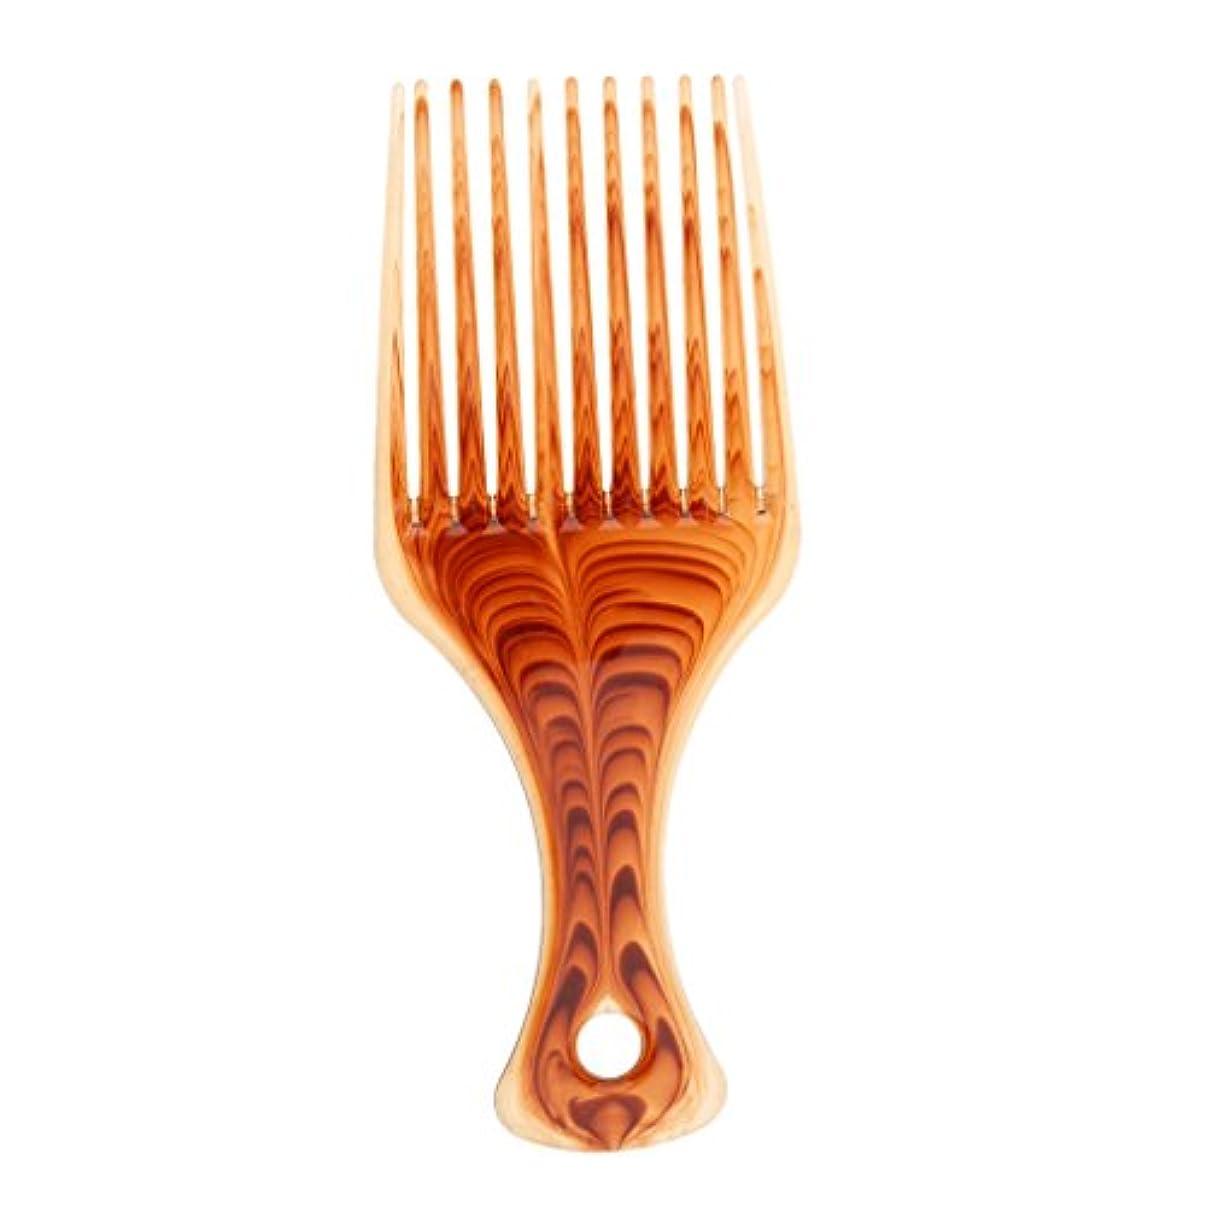 ダンスフレッシュ微弱ヘアブラシ ヘアコーム くし プラスチック製 アフロ 髪の櫛 持ち上げ ヘアブラシ